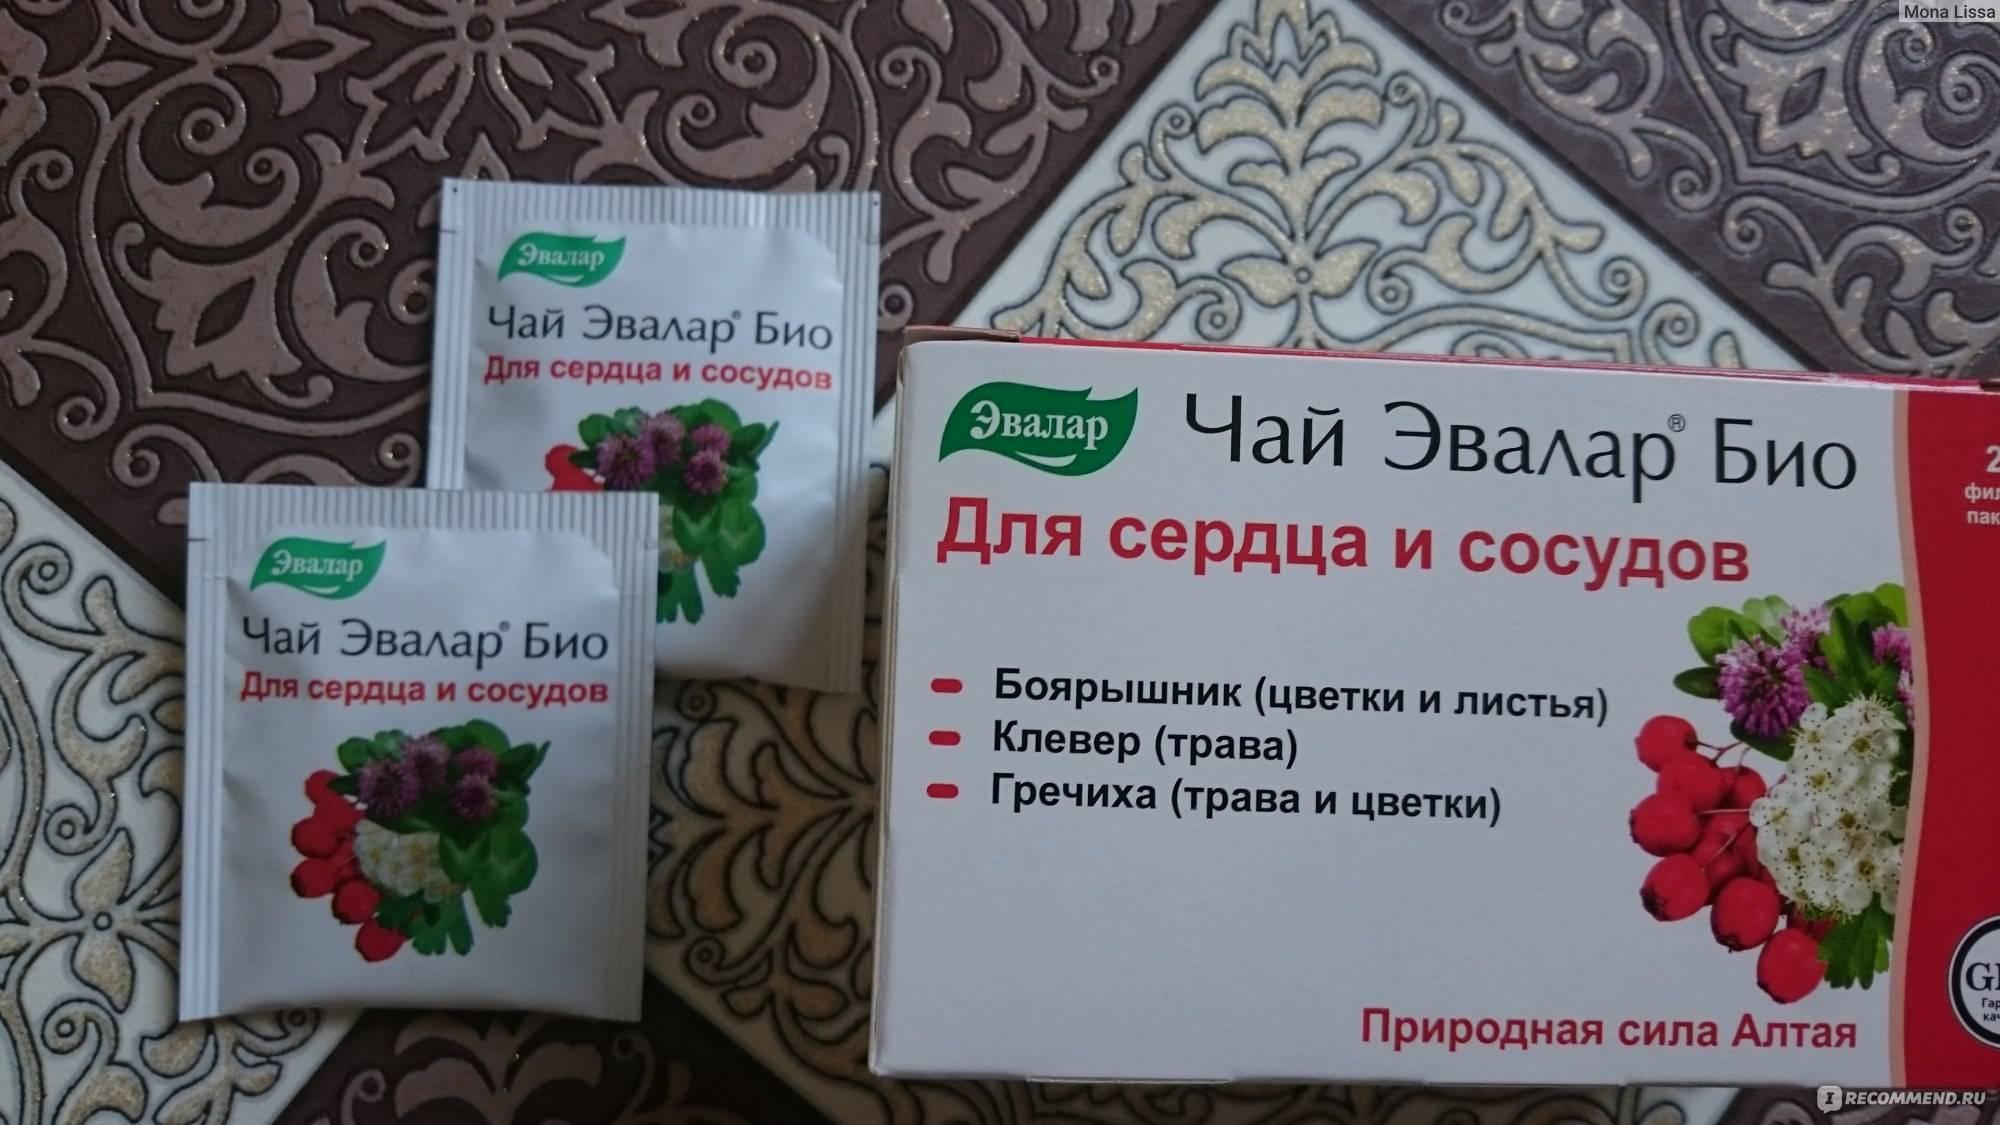 Эвалар био чай как действует